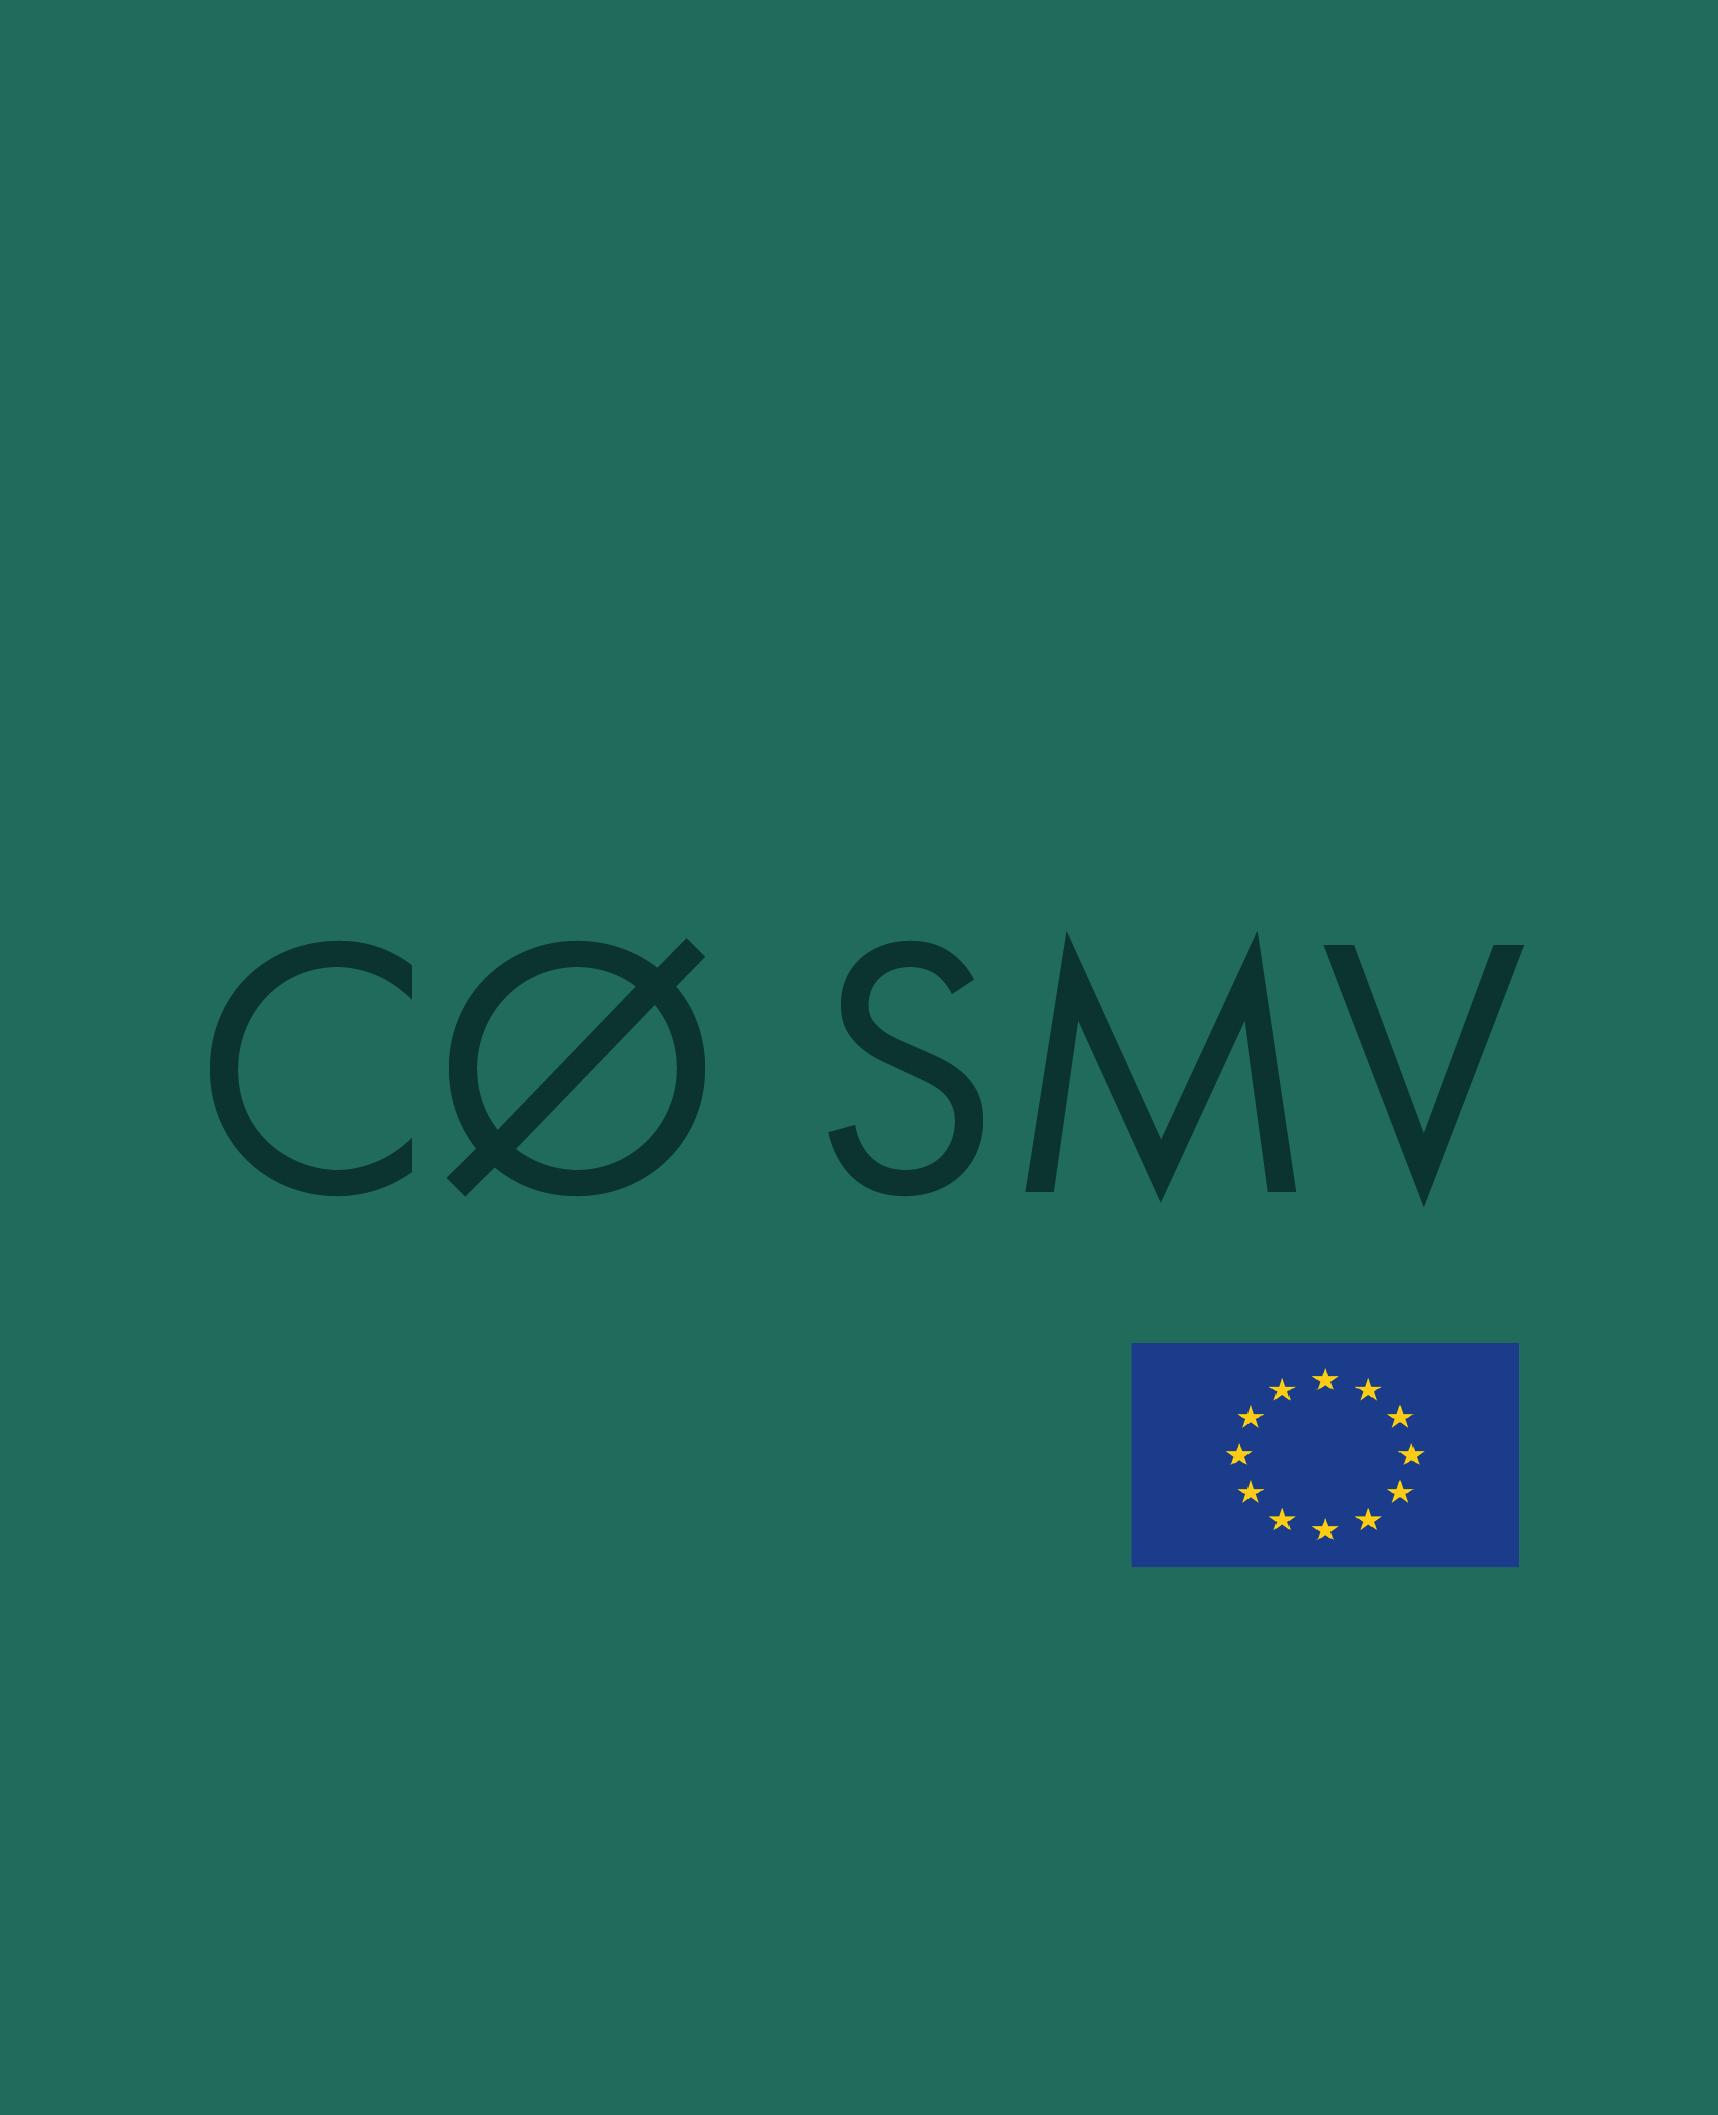 Øget vækst gennem cirkulære forretningsmodeller i SMV'er - CØ SMV - I kan få støtte til at udvikle en cirkulær økonomisk forretningsplan. I arbejder sammen med specialiserede konsulenter og får refunderet op til 100.000 kr. Der er også mulighed for støtte til implementering efterfølgende.Der er i alt 4 åbne ansøgningsrunder i 2019-2020.Næste frist er d.22. november.Programmet er finansieret af EU's Regionalfondsmidler. Optag af 20 virksomheder i hver runde ud fra ansøgning.